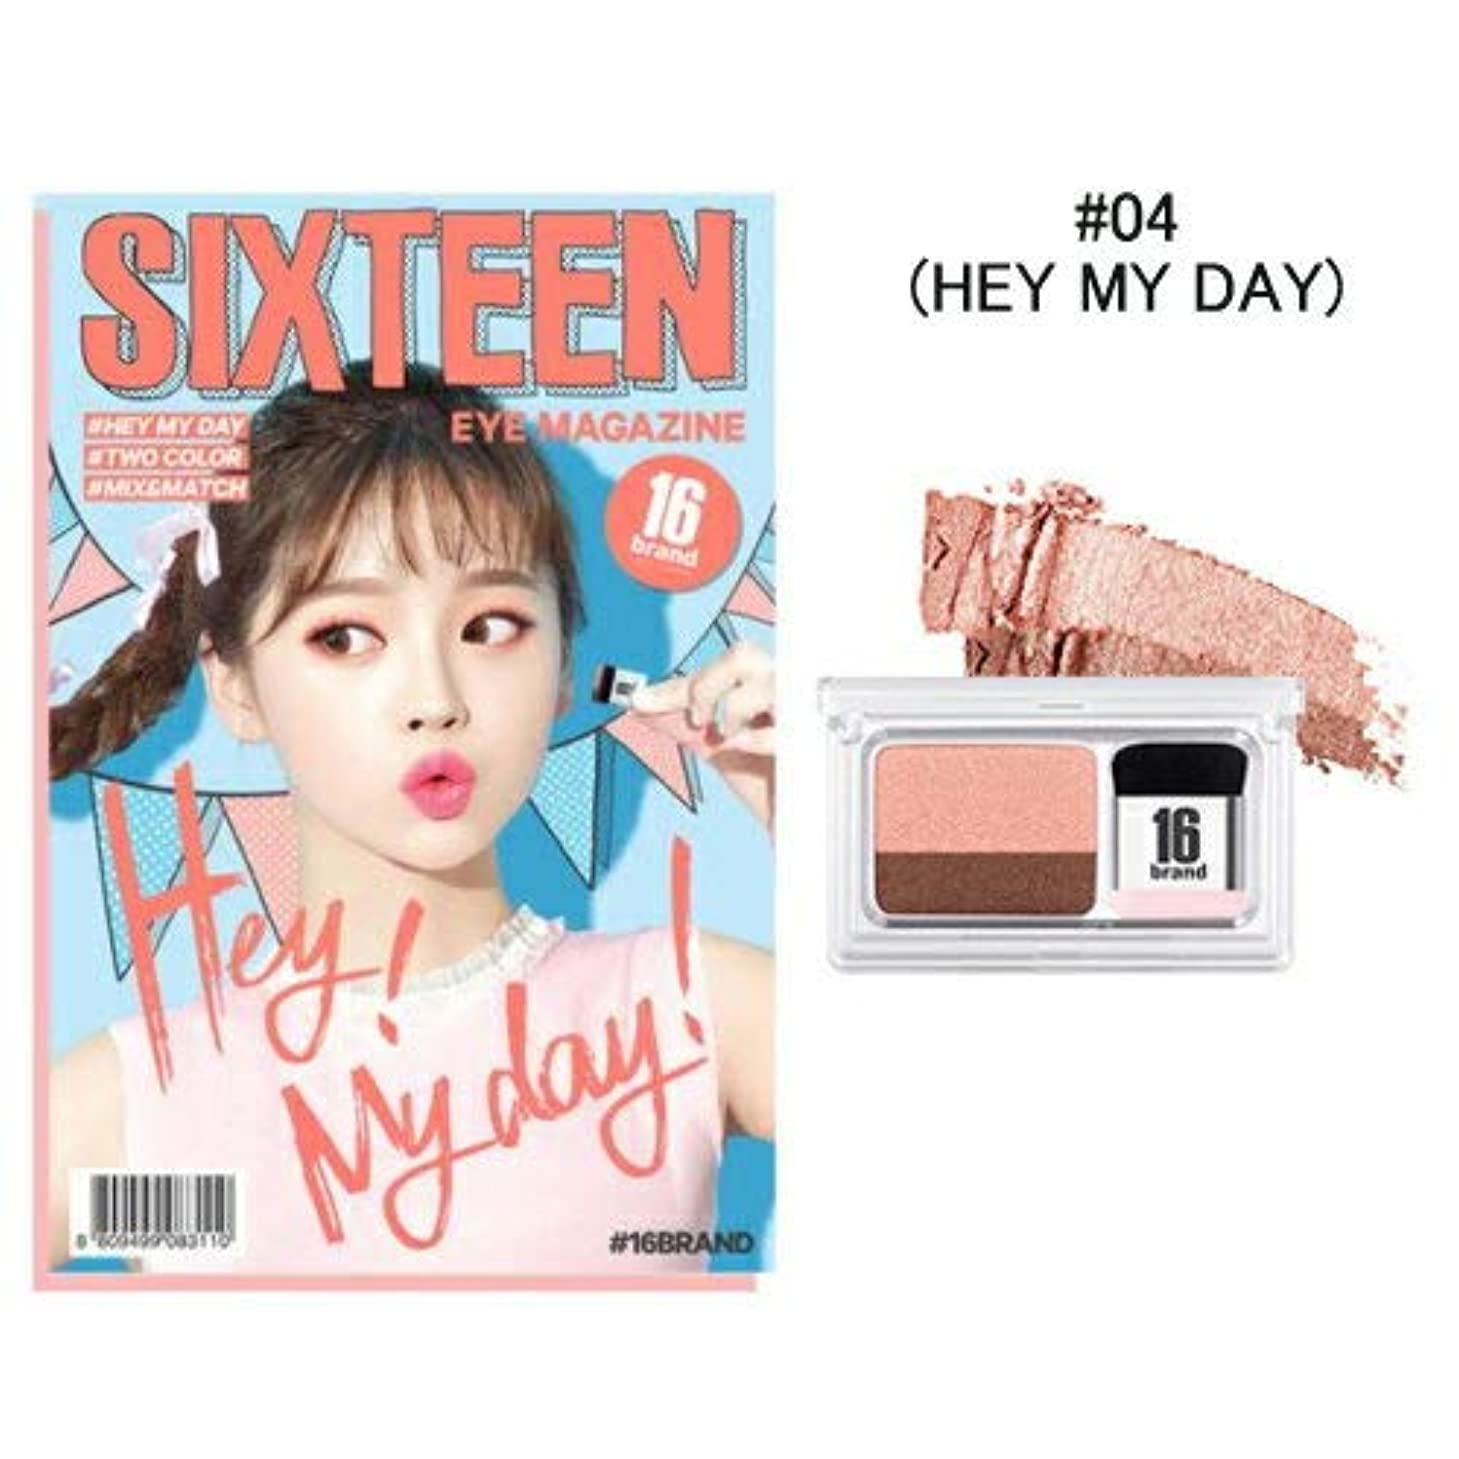 軽く思想船形[New Color] 16brand Sixteen Eye Magazine 2g /16ブランド シックスティーン アイ マガジン 2g (#04 HEY MY DAY) [並行輸入品]